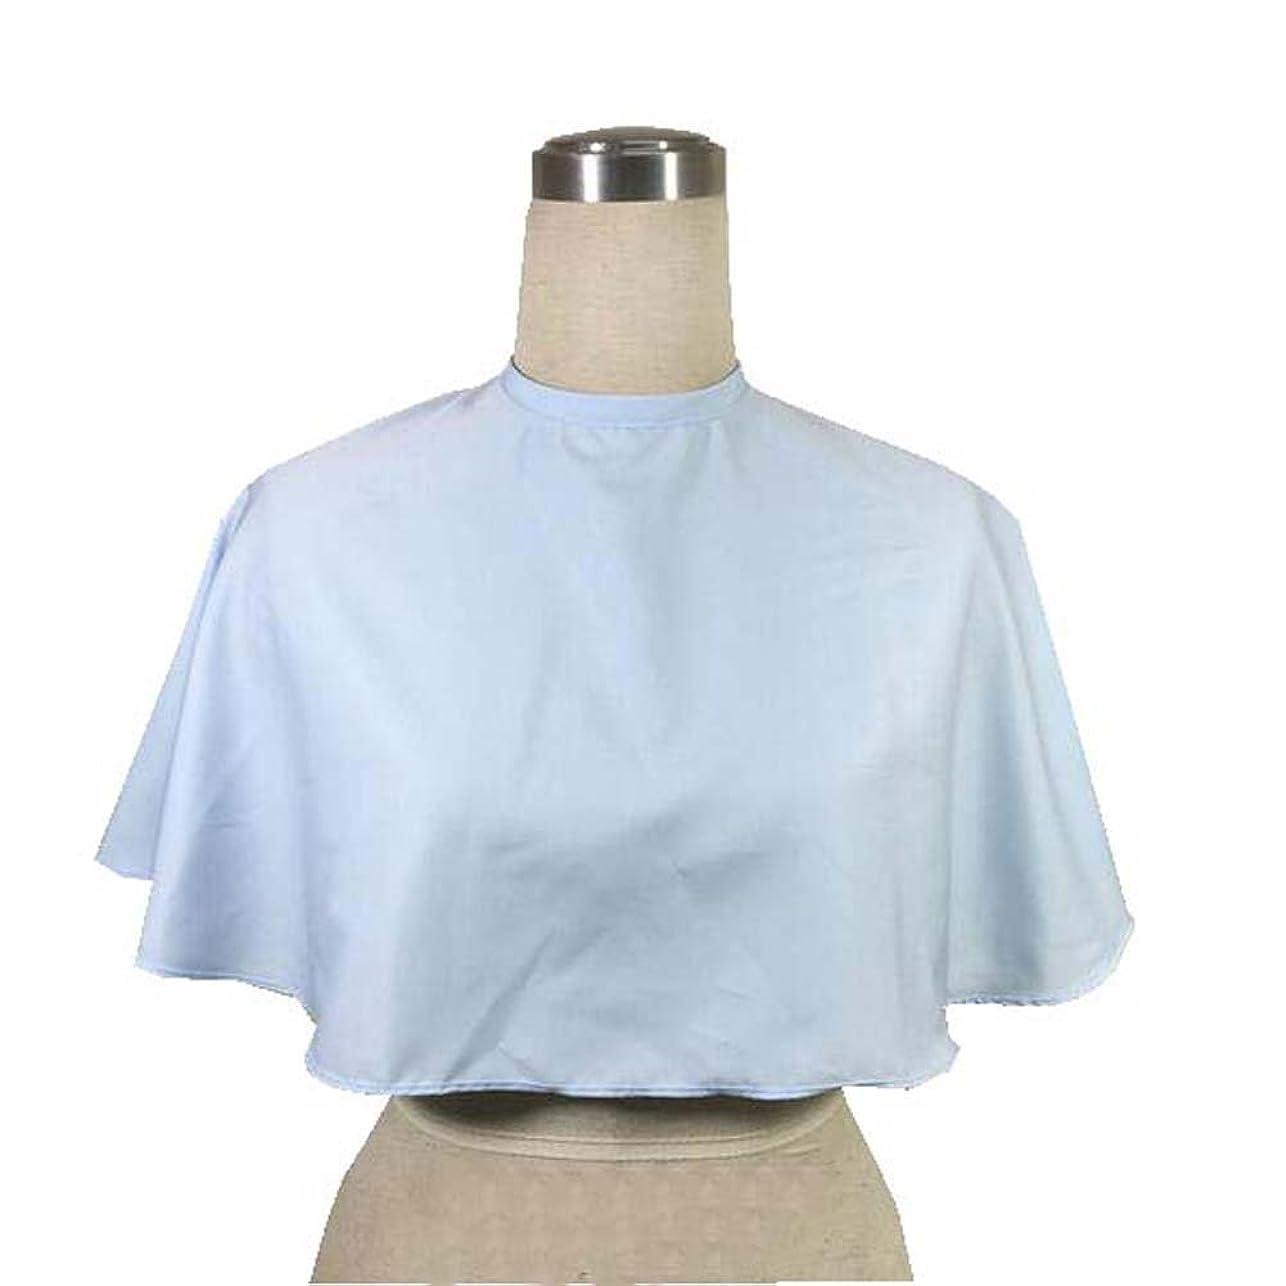 フローティング戦術代わってプロの防水短い髪ケープサロンの美容院のドレス